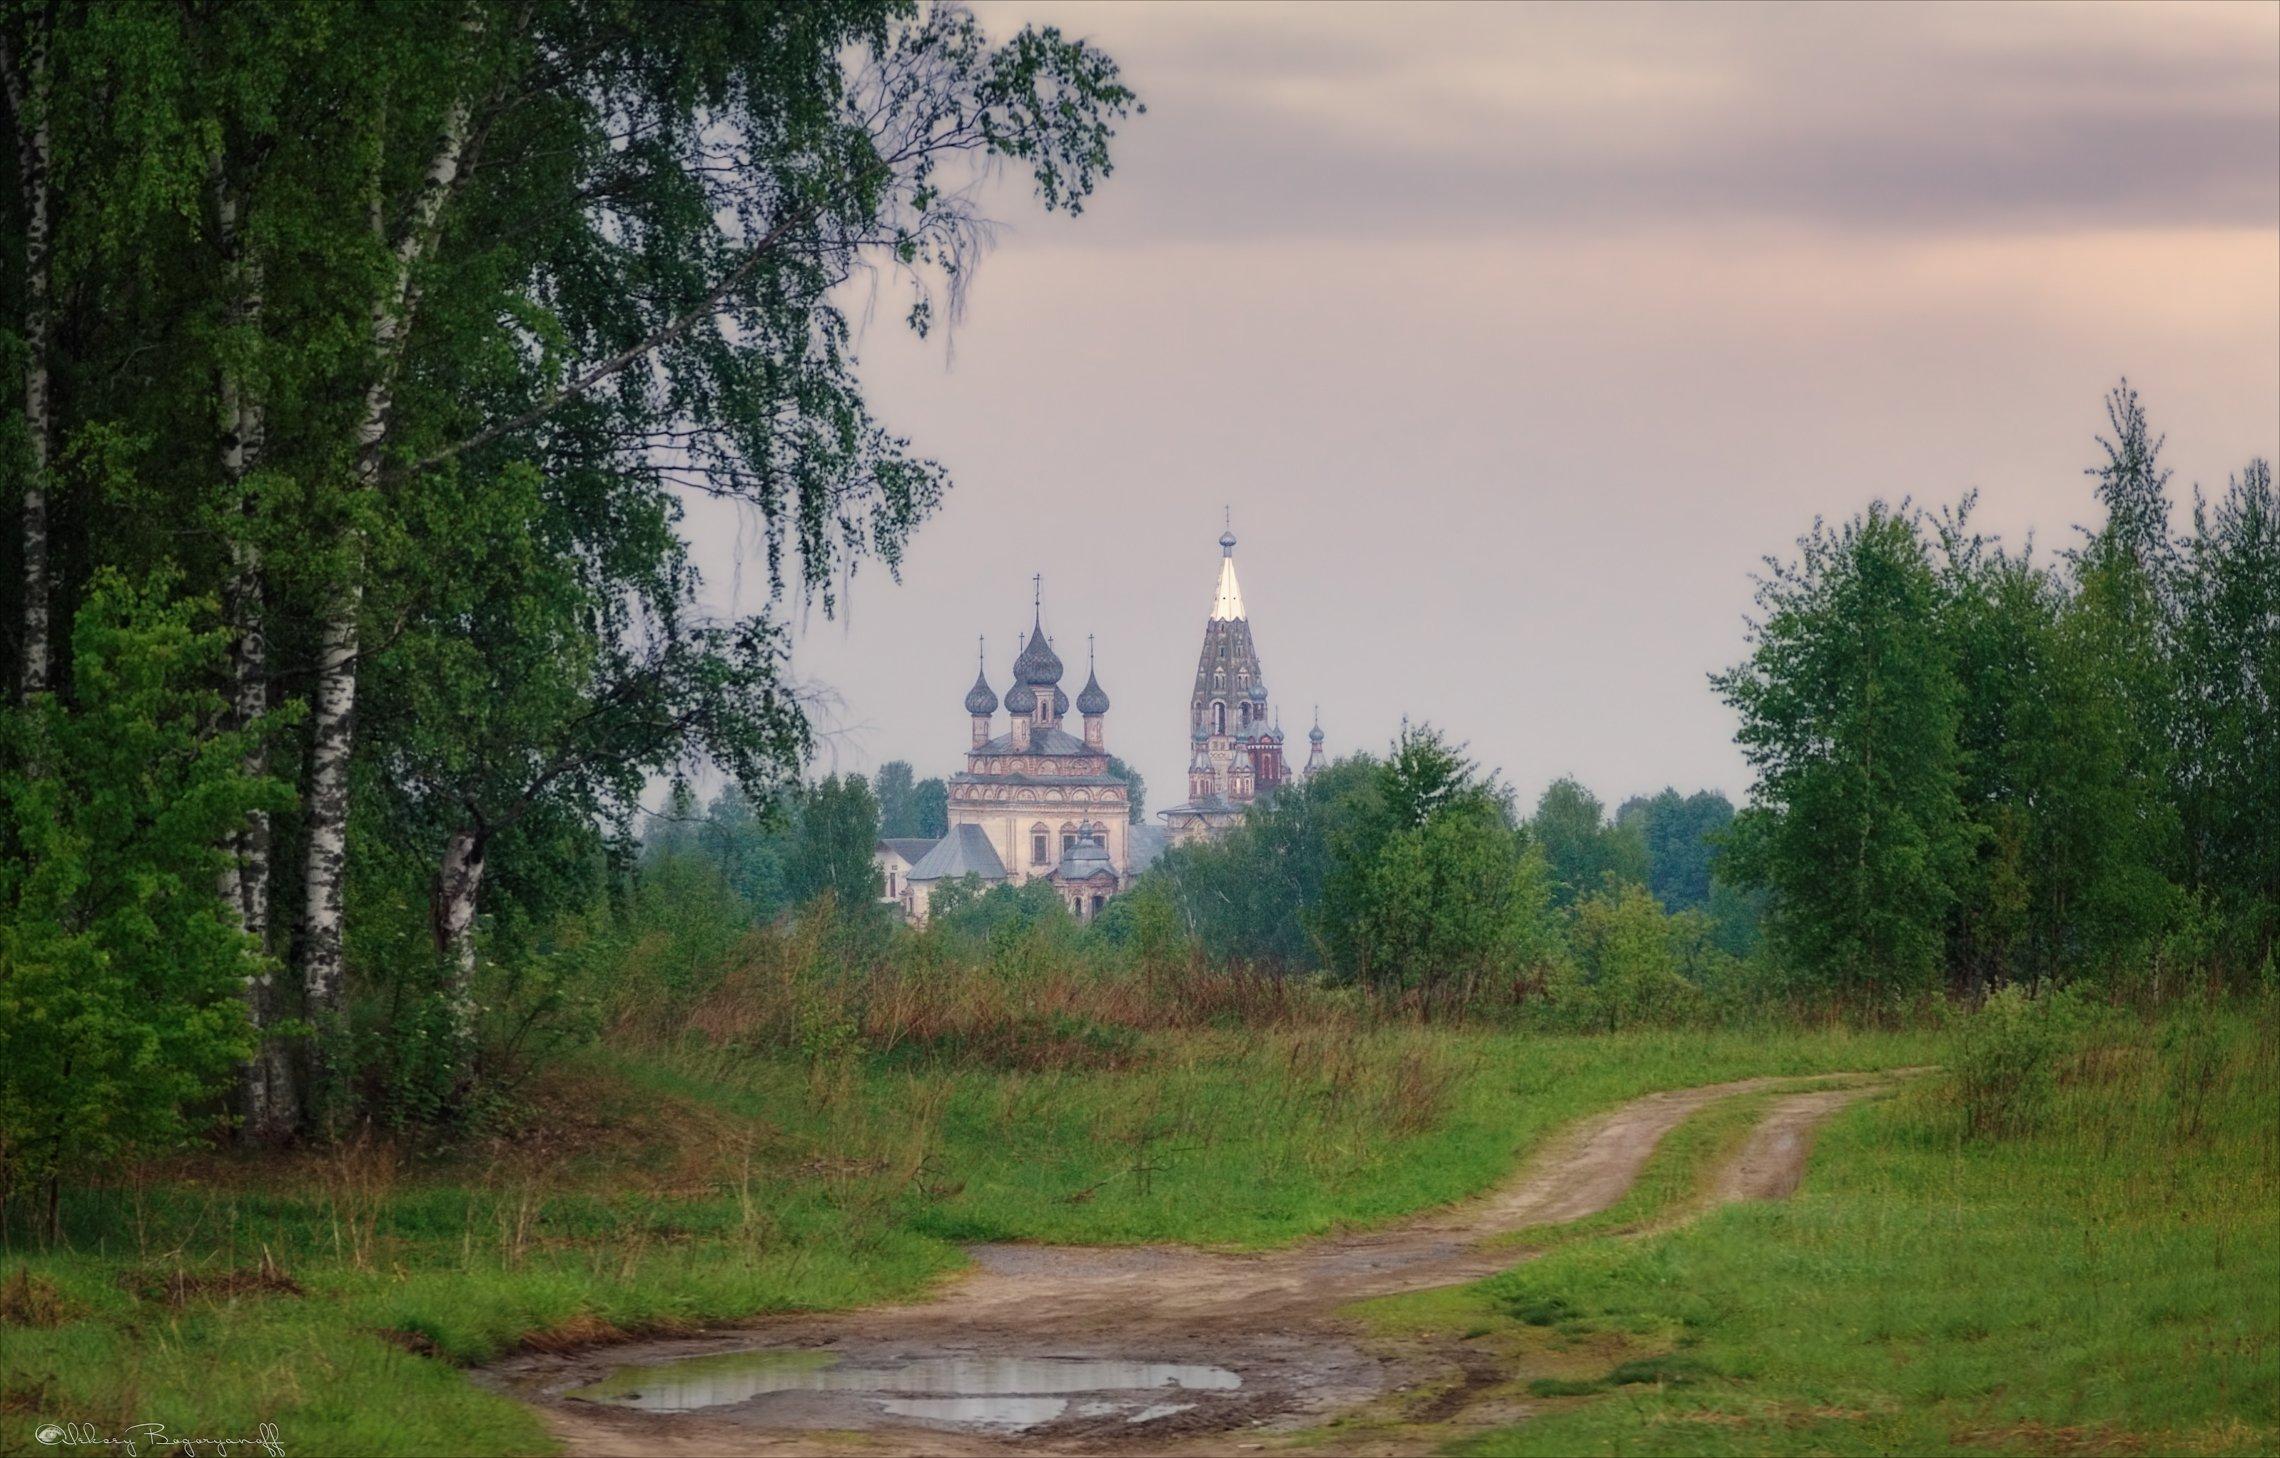 парское, утро, дождь, дорога, храм, Богорянов Алексей